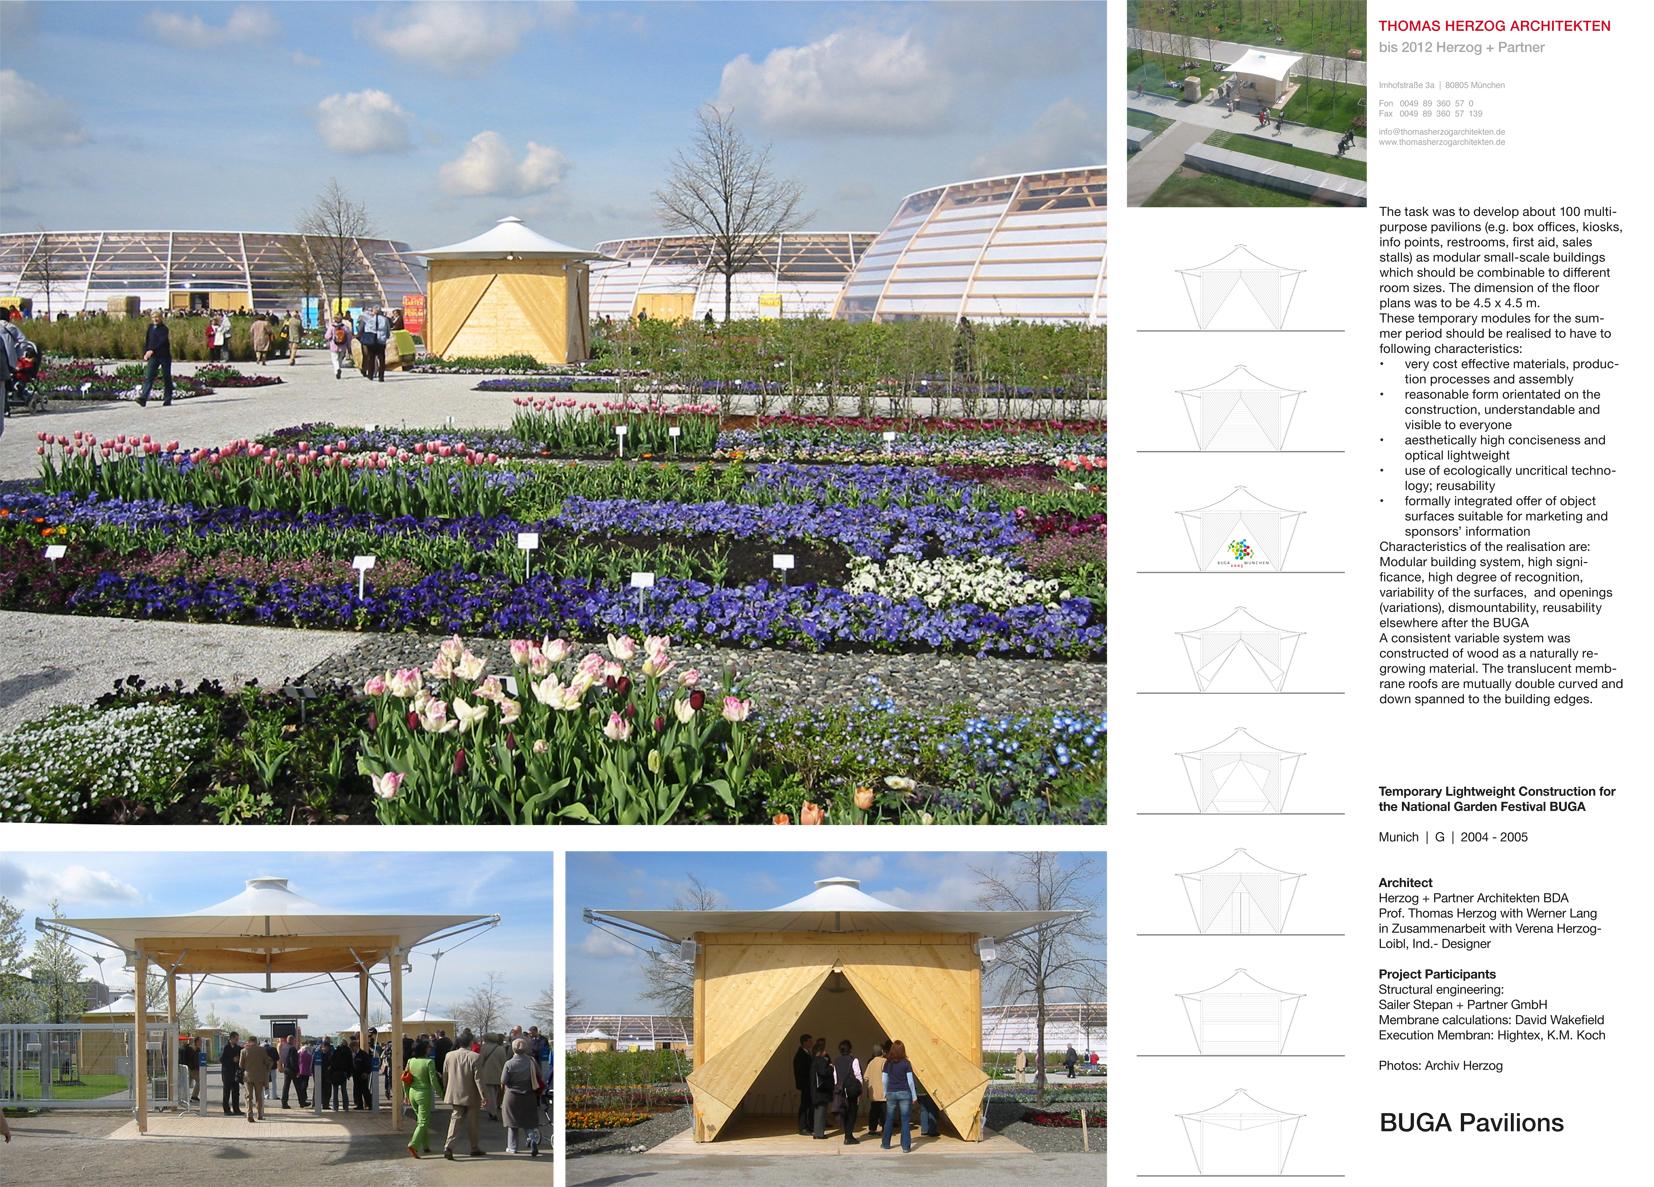 BUGA Pavilions Munich DE 2005